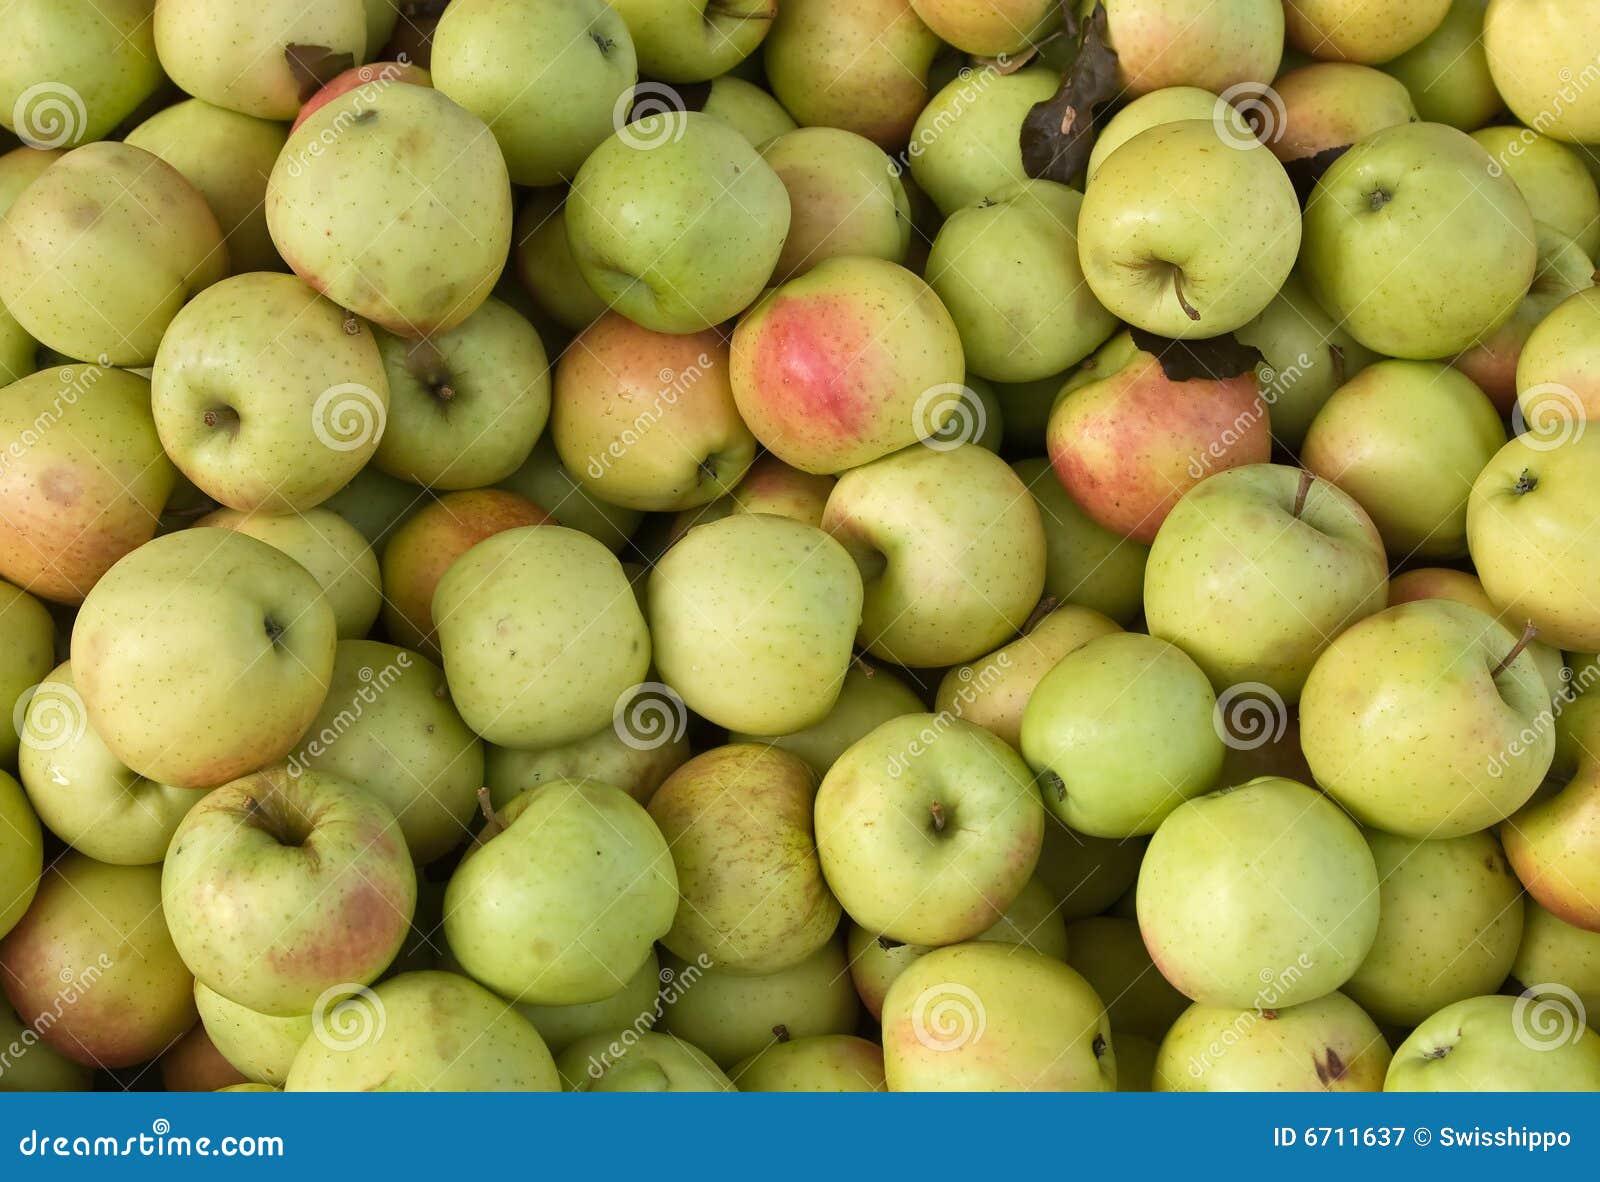 golden delicious stock image image of light fruit ecology 6711637. Black Bedroom Furniture Sets. Home Design Ideas